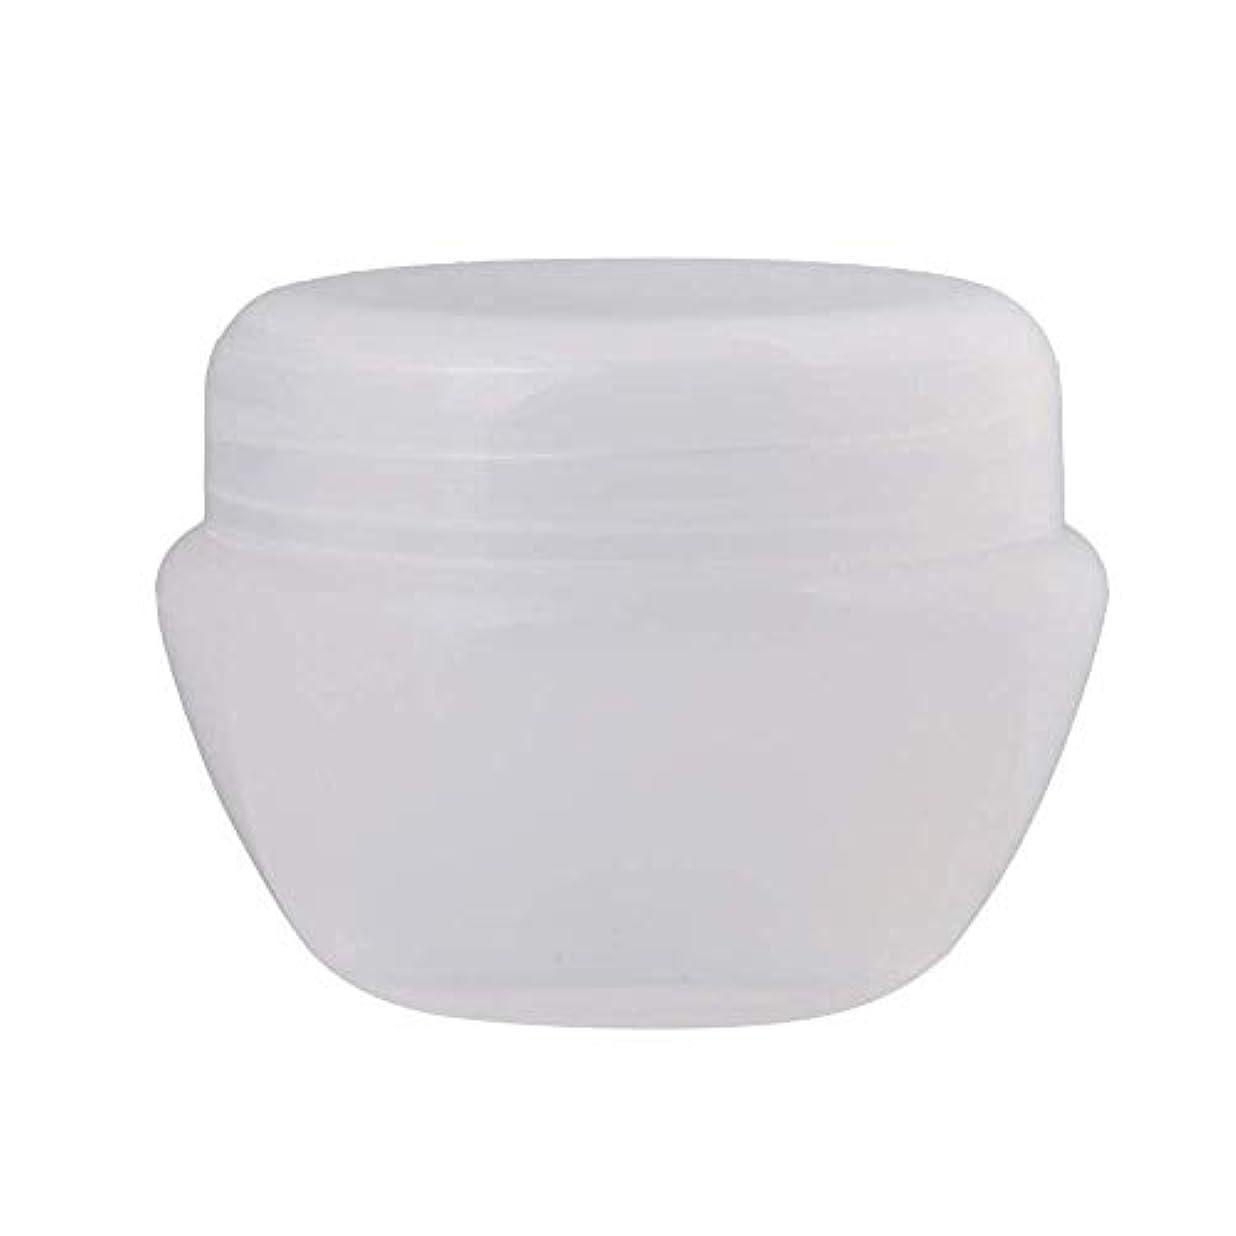 哀れな小川川Diystyle 20個入 5g クリームケース 空ポット 化粧品用 詰替え 空容器 旅行用品 ホワイト